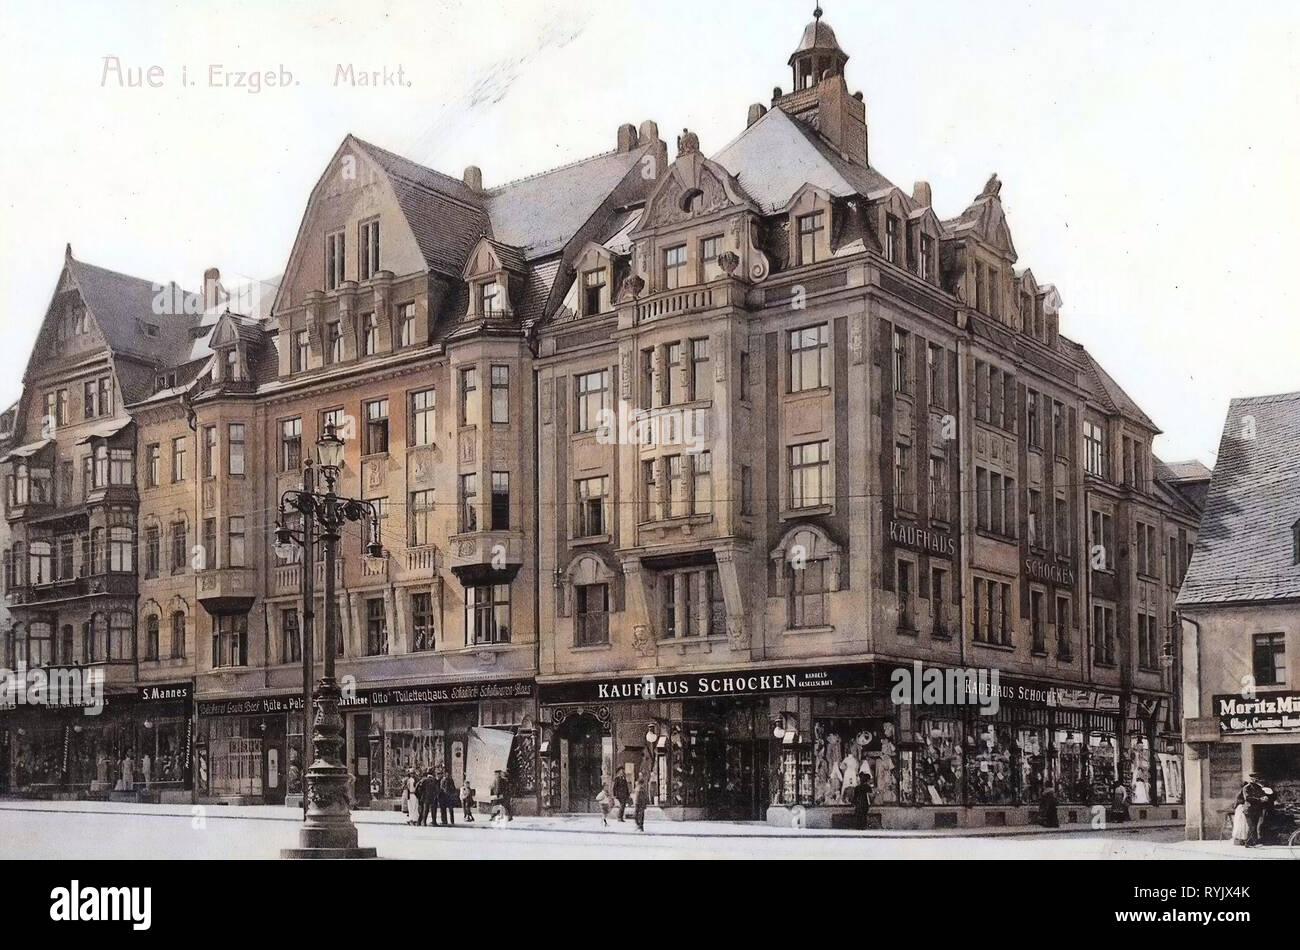 Department stores in Saxony, Buildings in Aue, 1911, Erzgebirgskreis, Aue, Markt, Germany - Stock Image